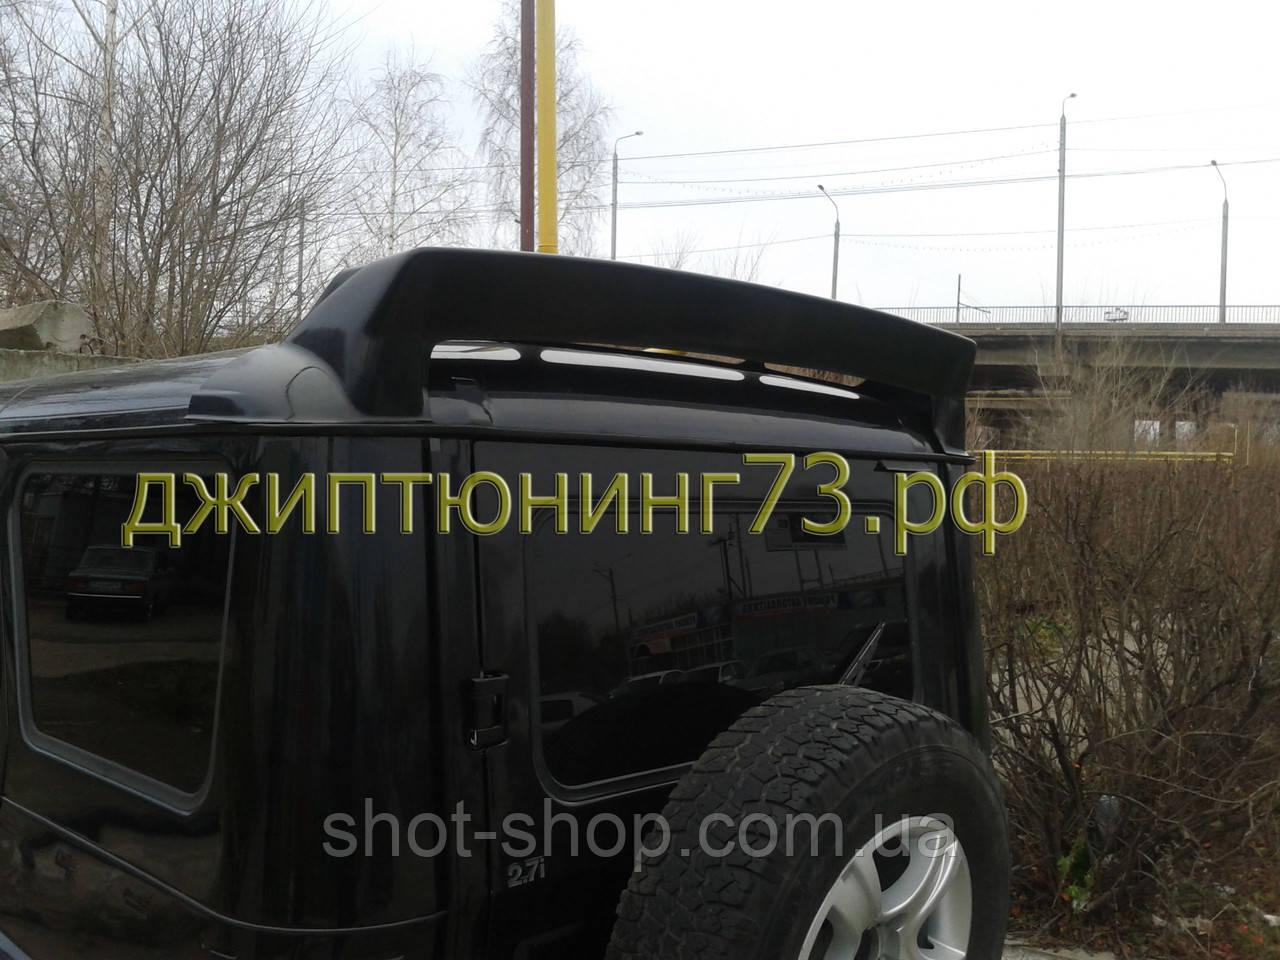 Спойлер крыши (задний) УАЗ 469.31519